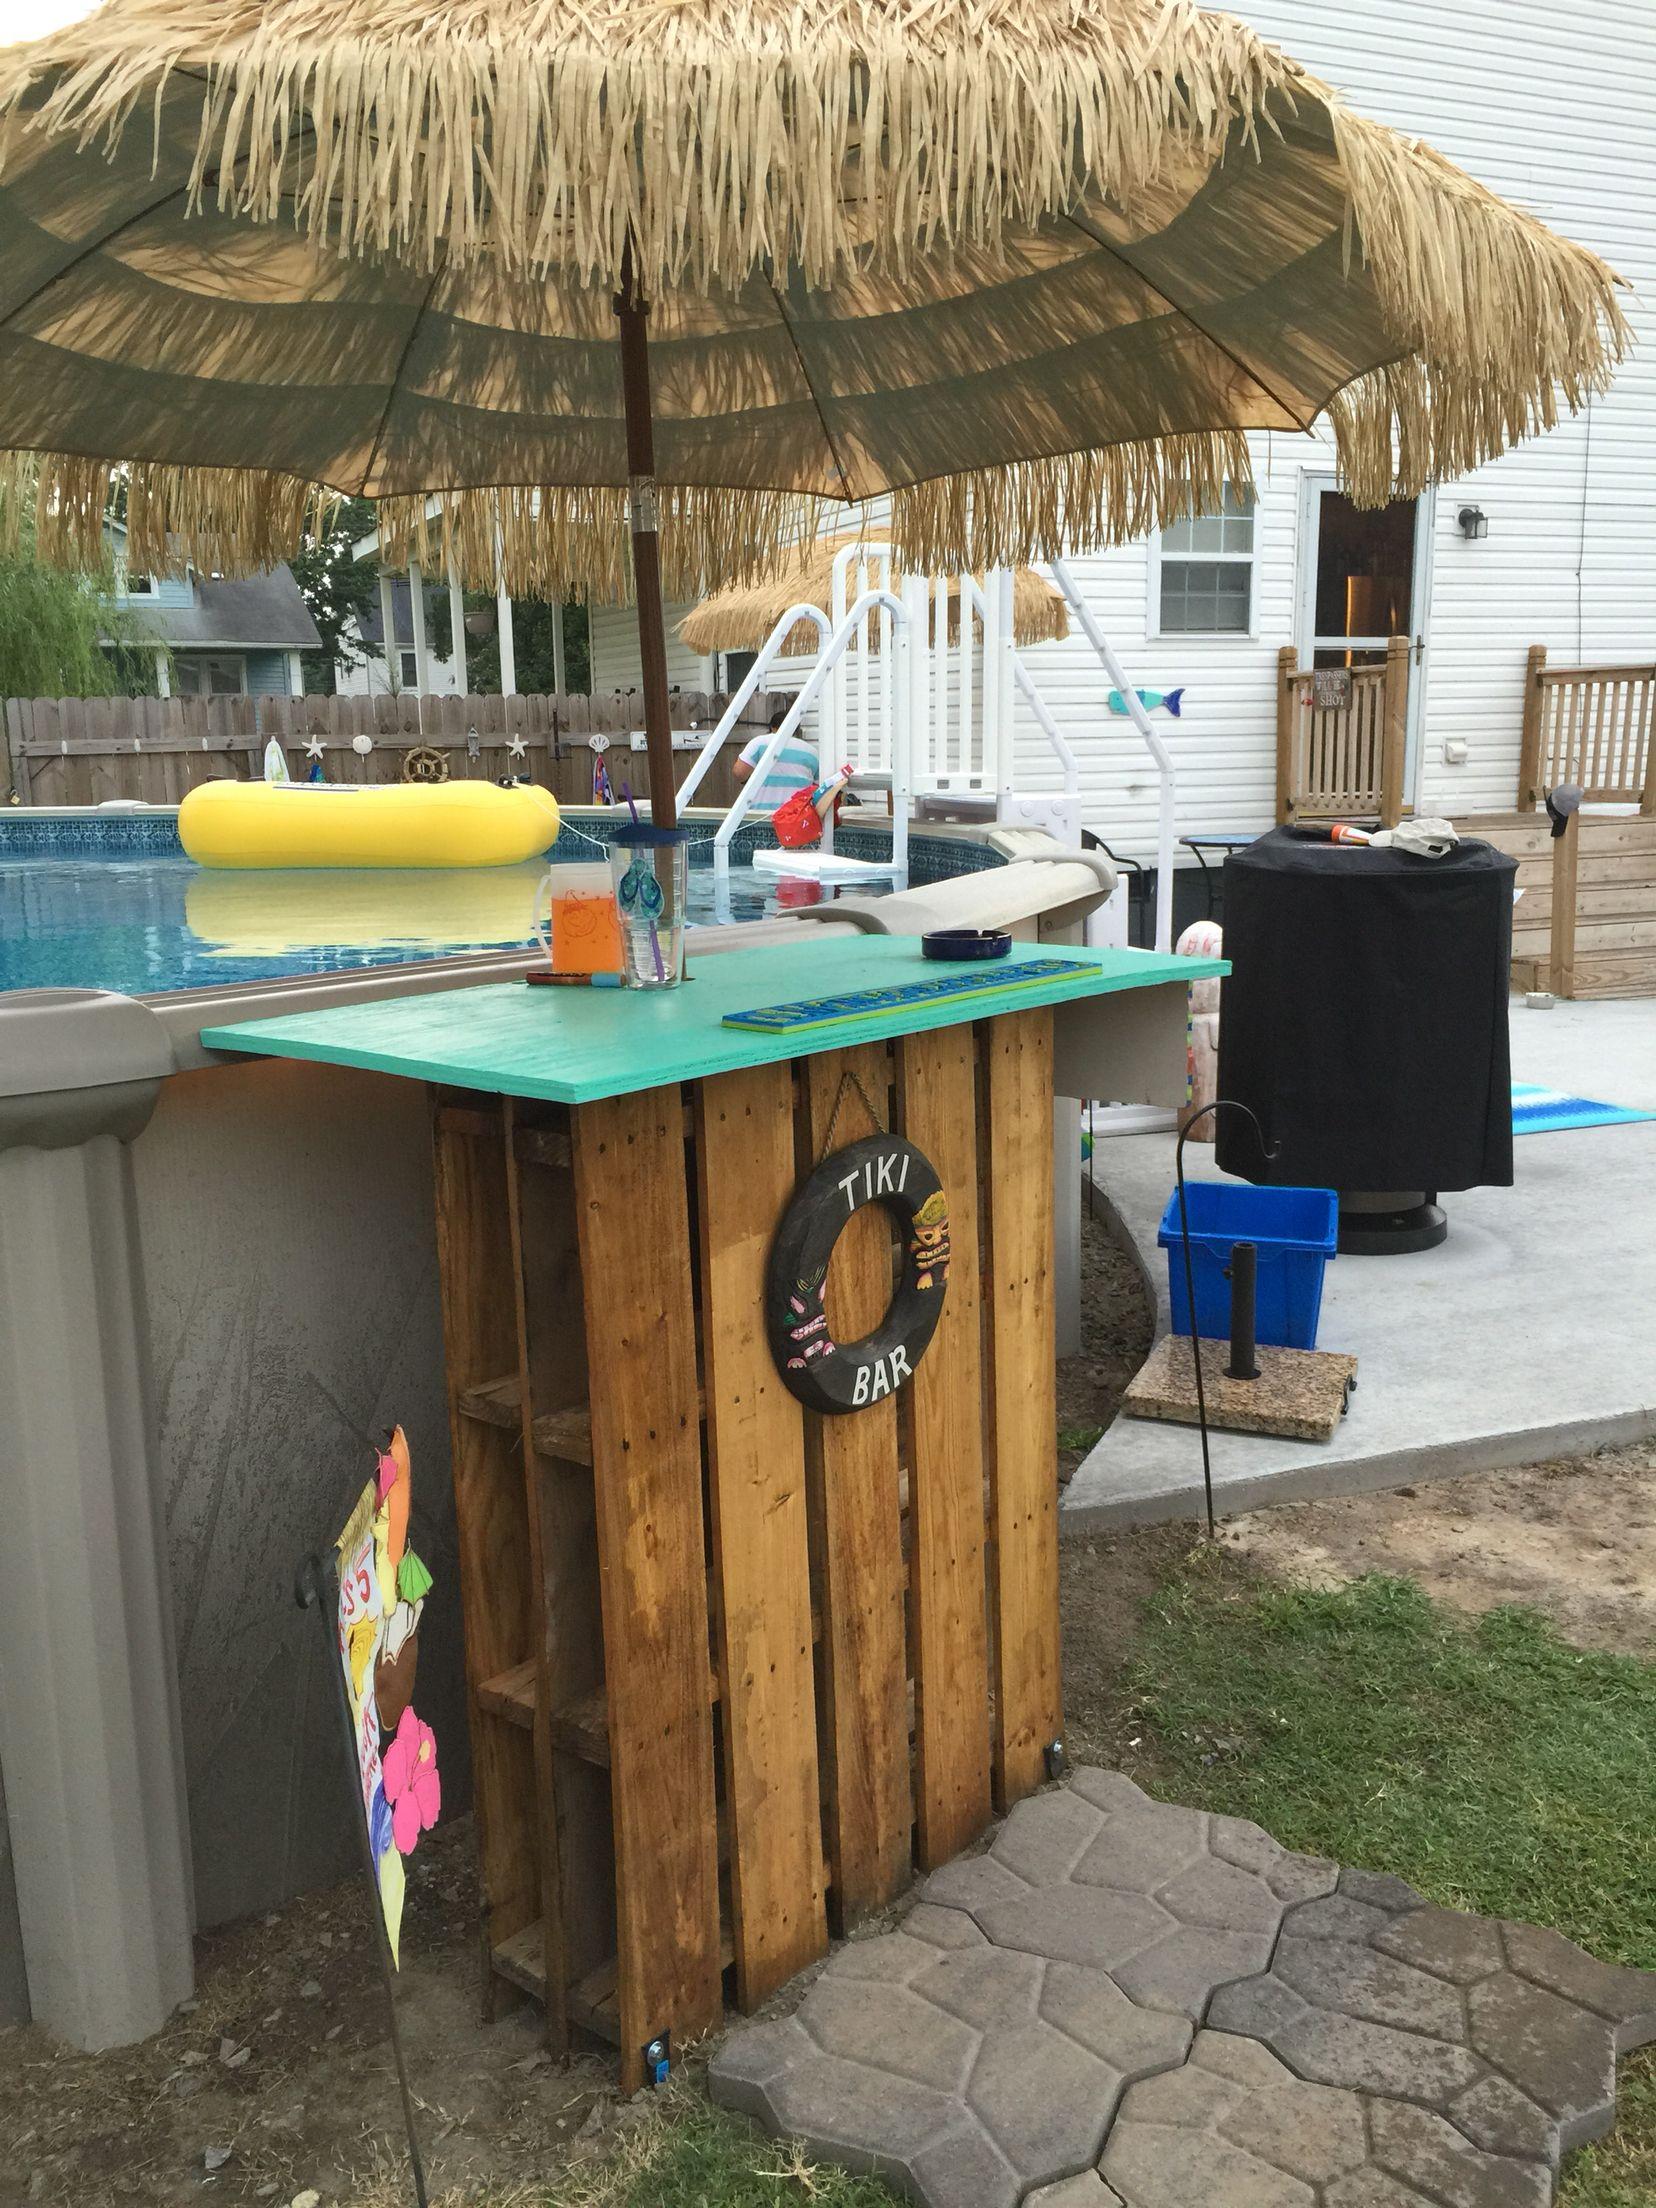 My Other Swim Up Pallet Tiki Bar Pallet Pool Diy Swimming Pool Pool Decor Diy backyard swim up bar